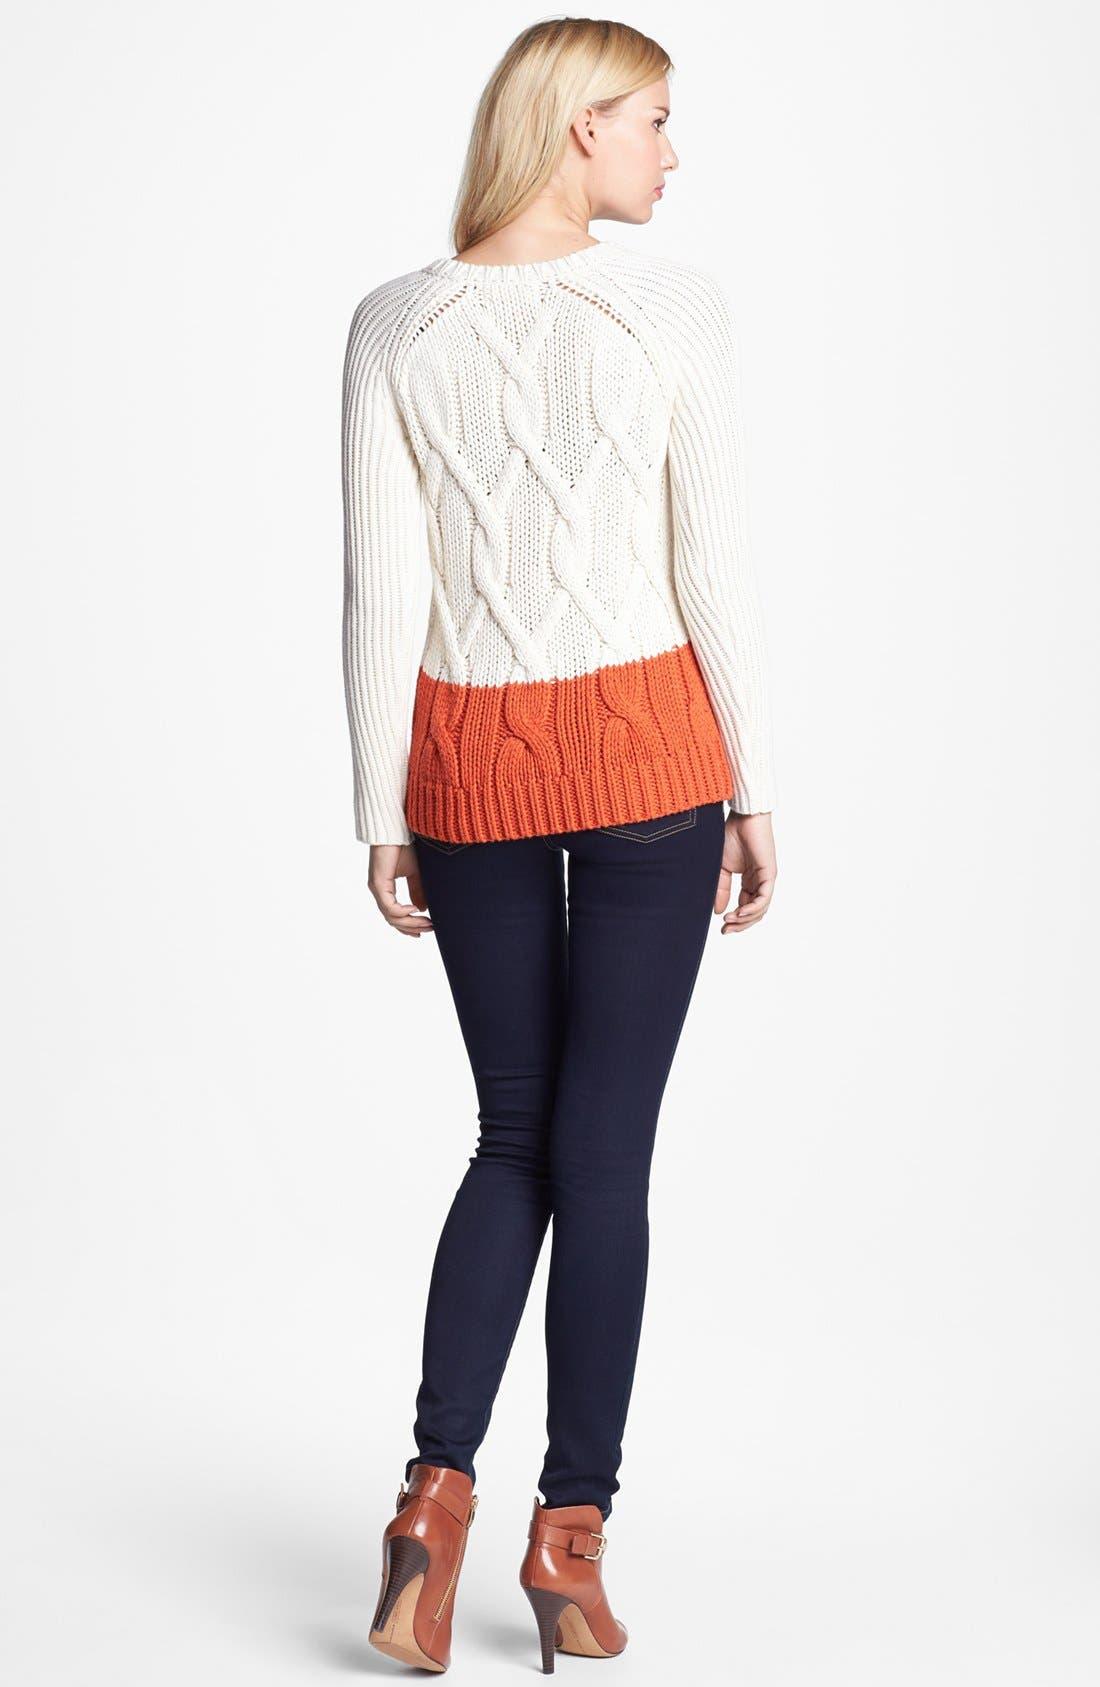 Alternate Image 1 Selected - MICHAEL Michael Kors Colorblock Sweater & Skinny Jeans